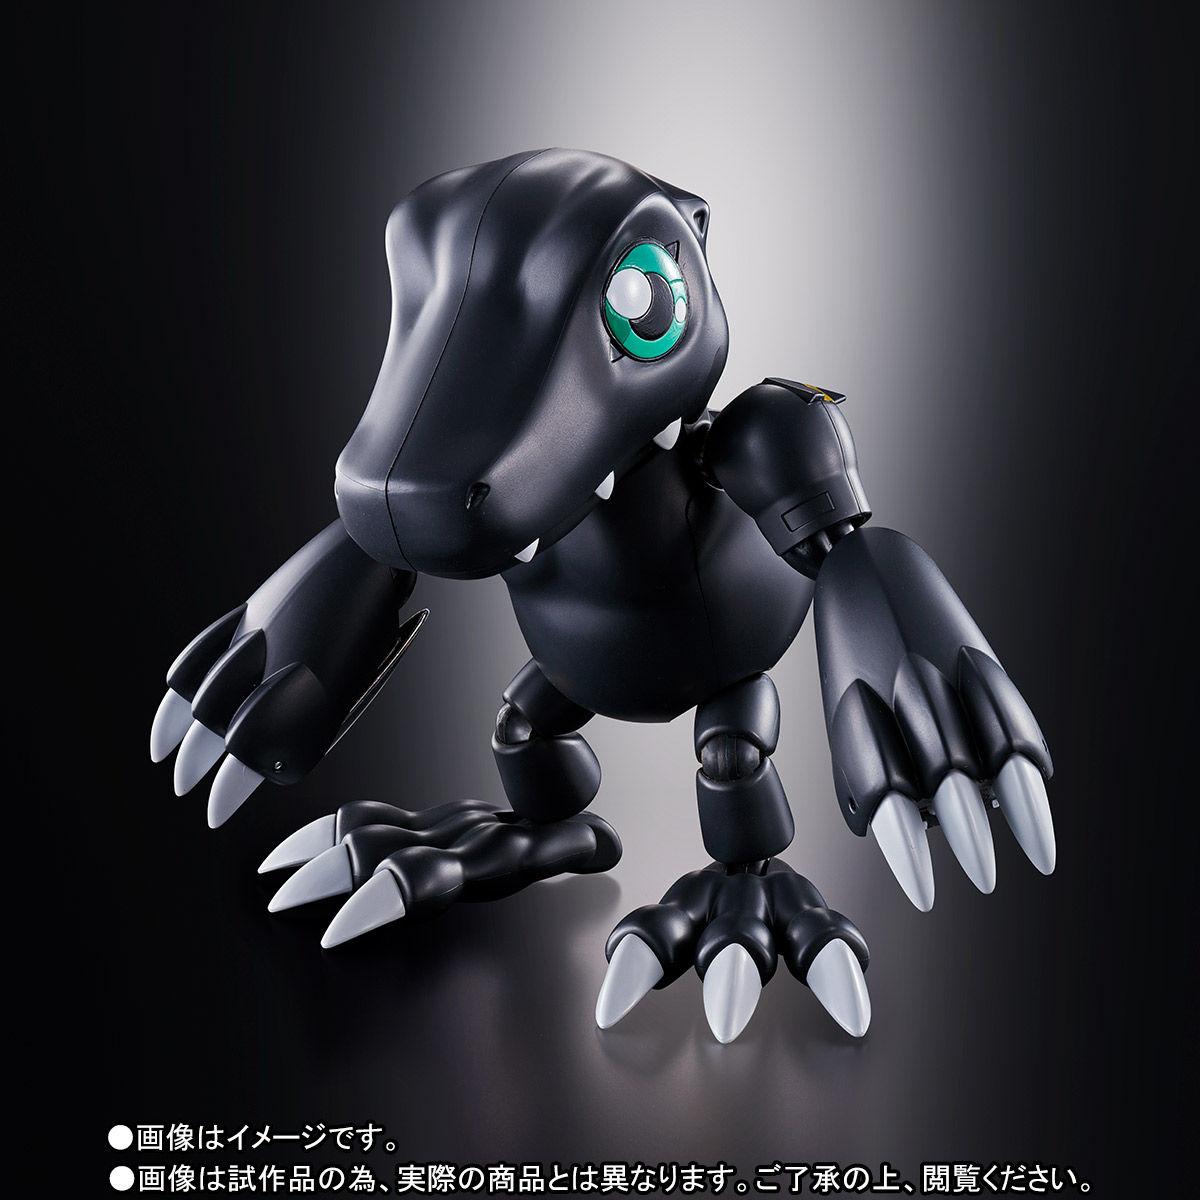 超進化魂 08『ブラックウォーグレイモン』デジモンアドベンチャー 可変可動フィギュア-006